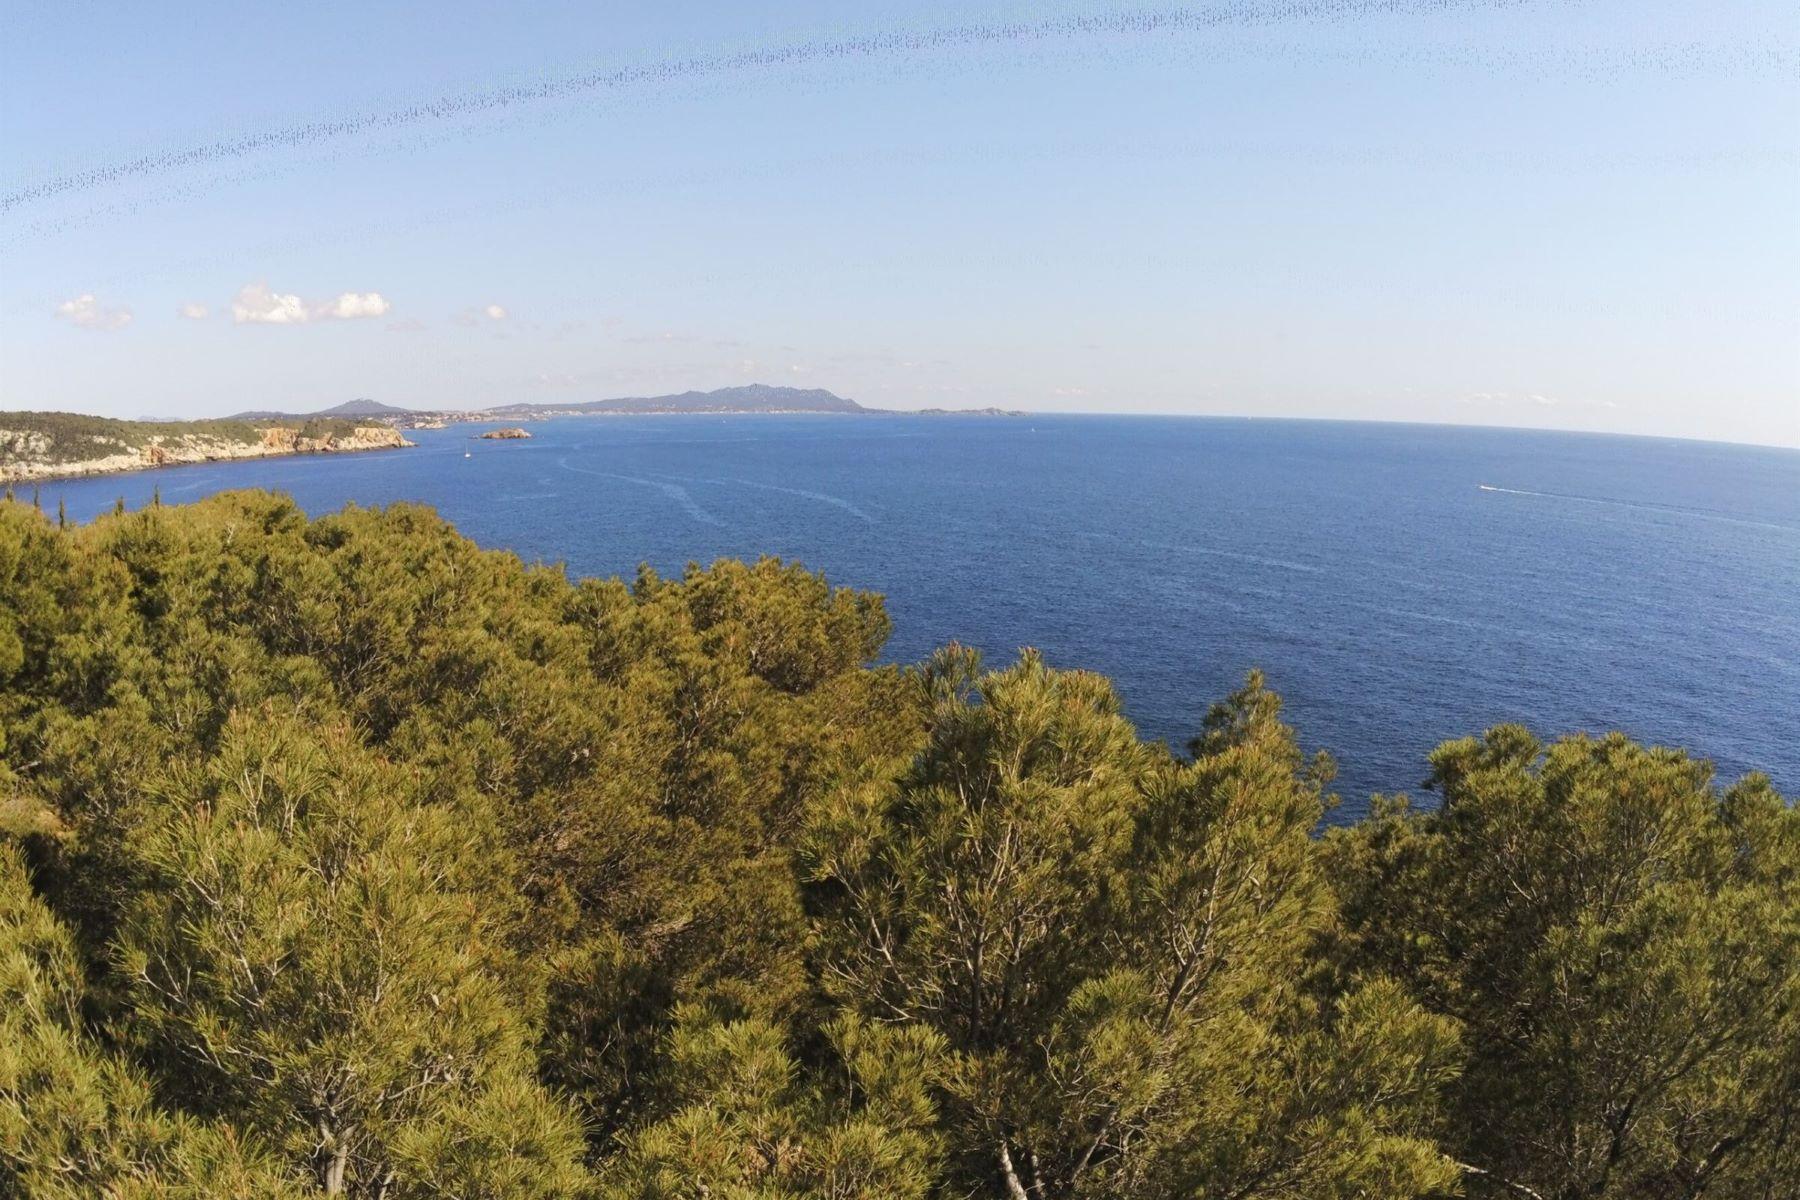 Terreno por un Venta en Sea View Land in Port d'Alon Saint Cyr Sur Mer, Provincia - Alpes - Costa Azul 83270 Francia